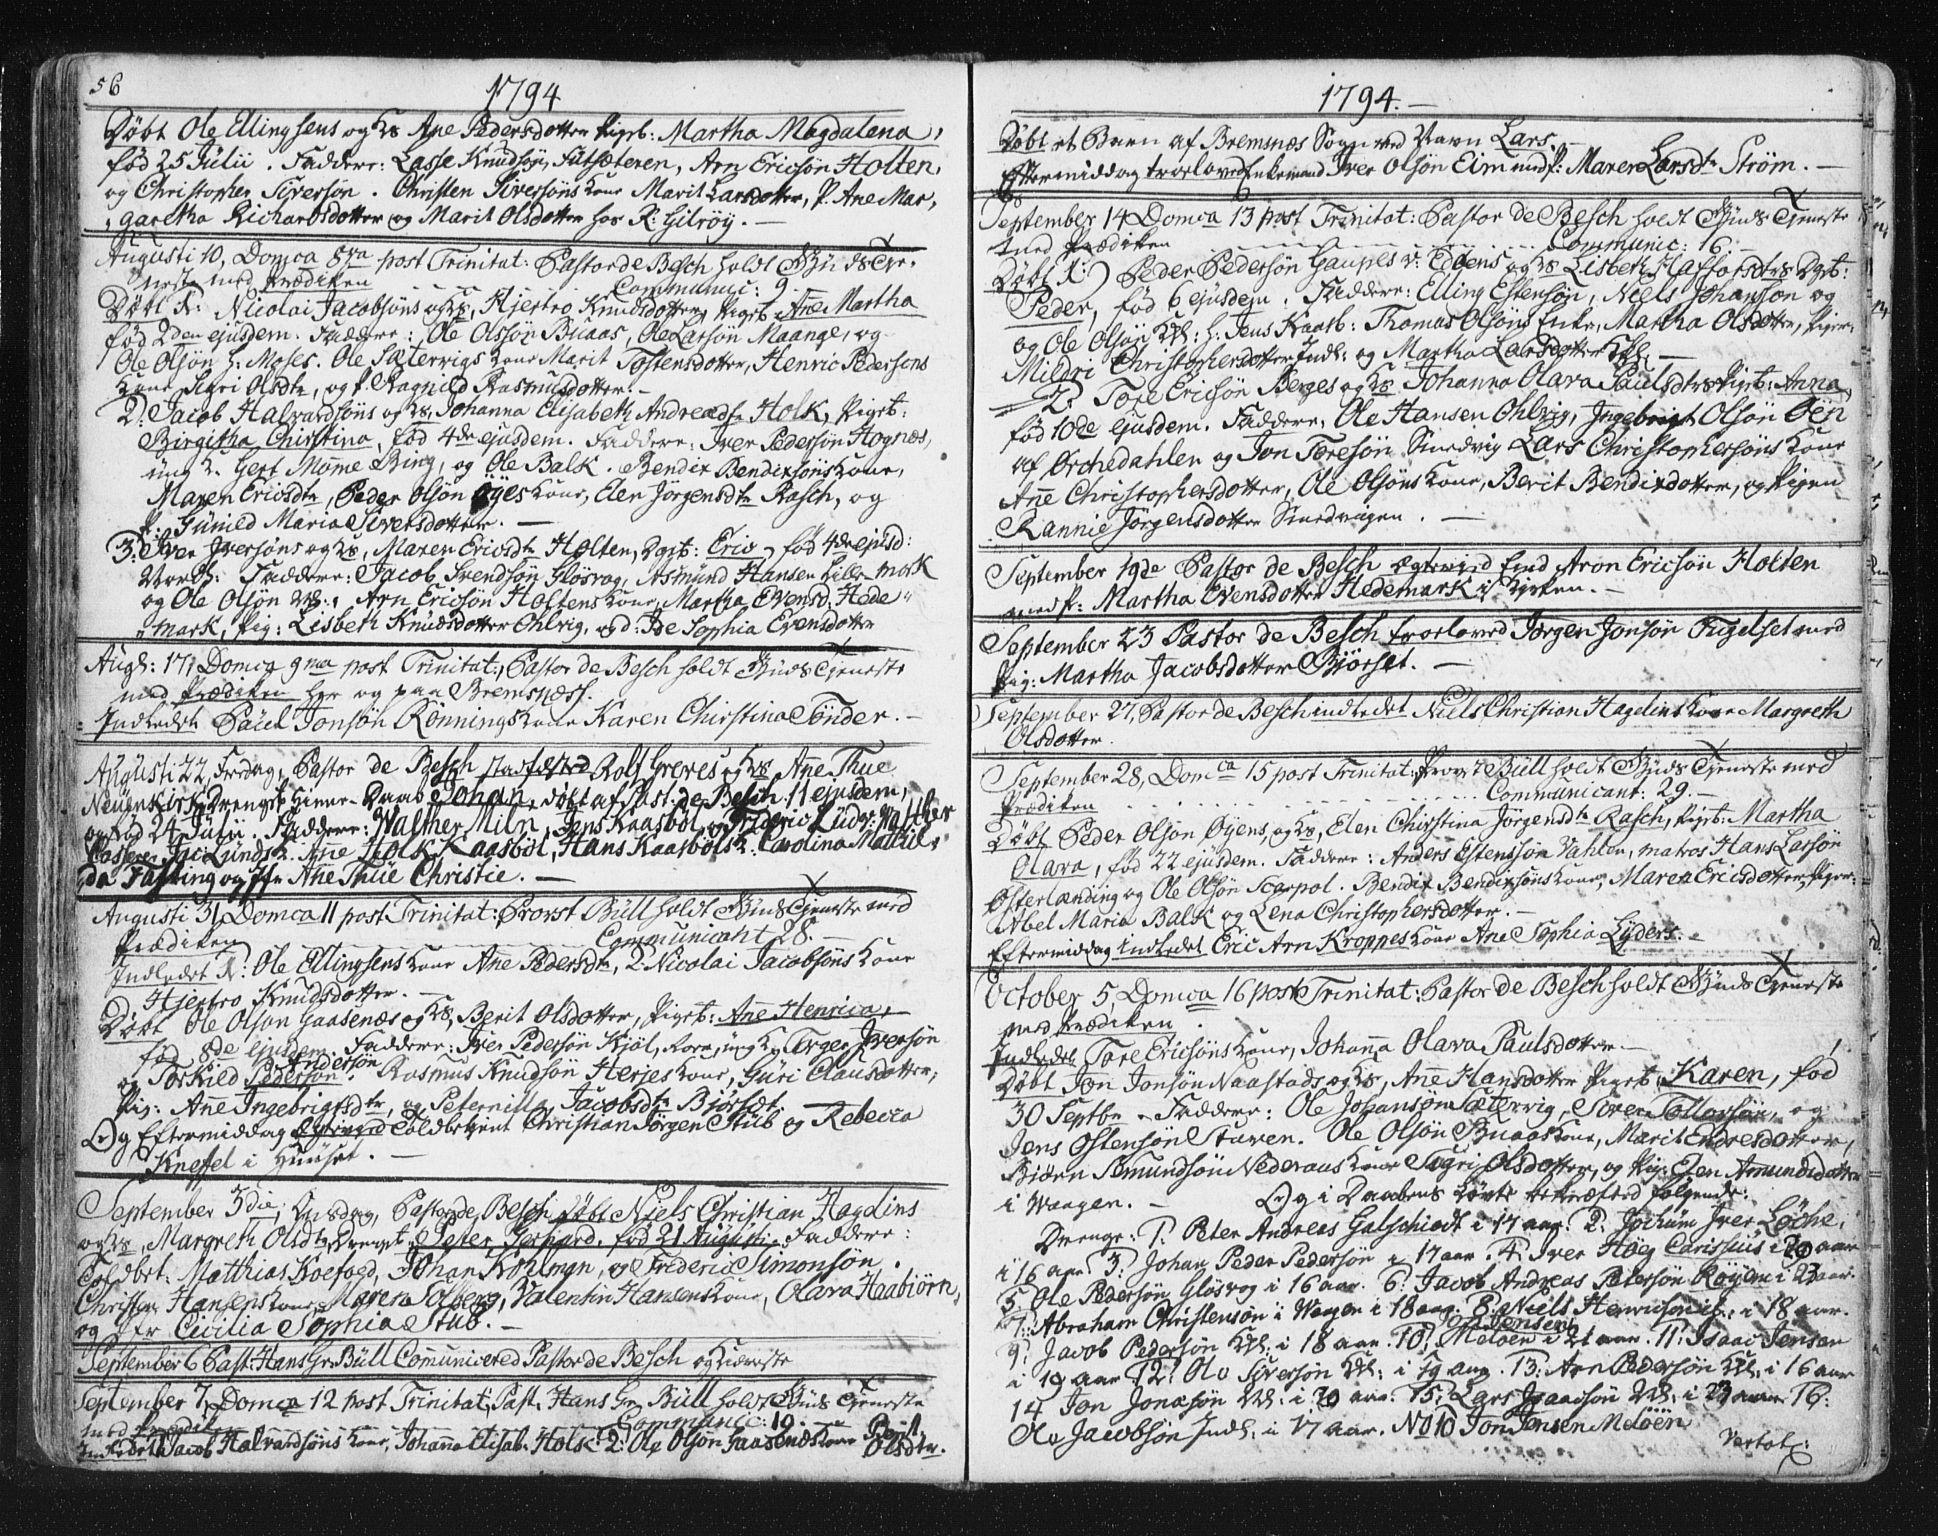 SAT, Ministerialprotokoller, klokkerbøker og fødselsregistre - Møre og Romsdal, 572/L0841: Ministerialbok nr. 572A04, 1784-1819, s. 56